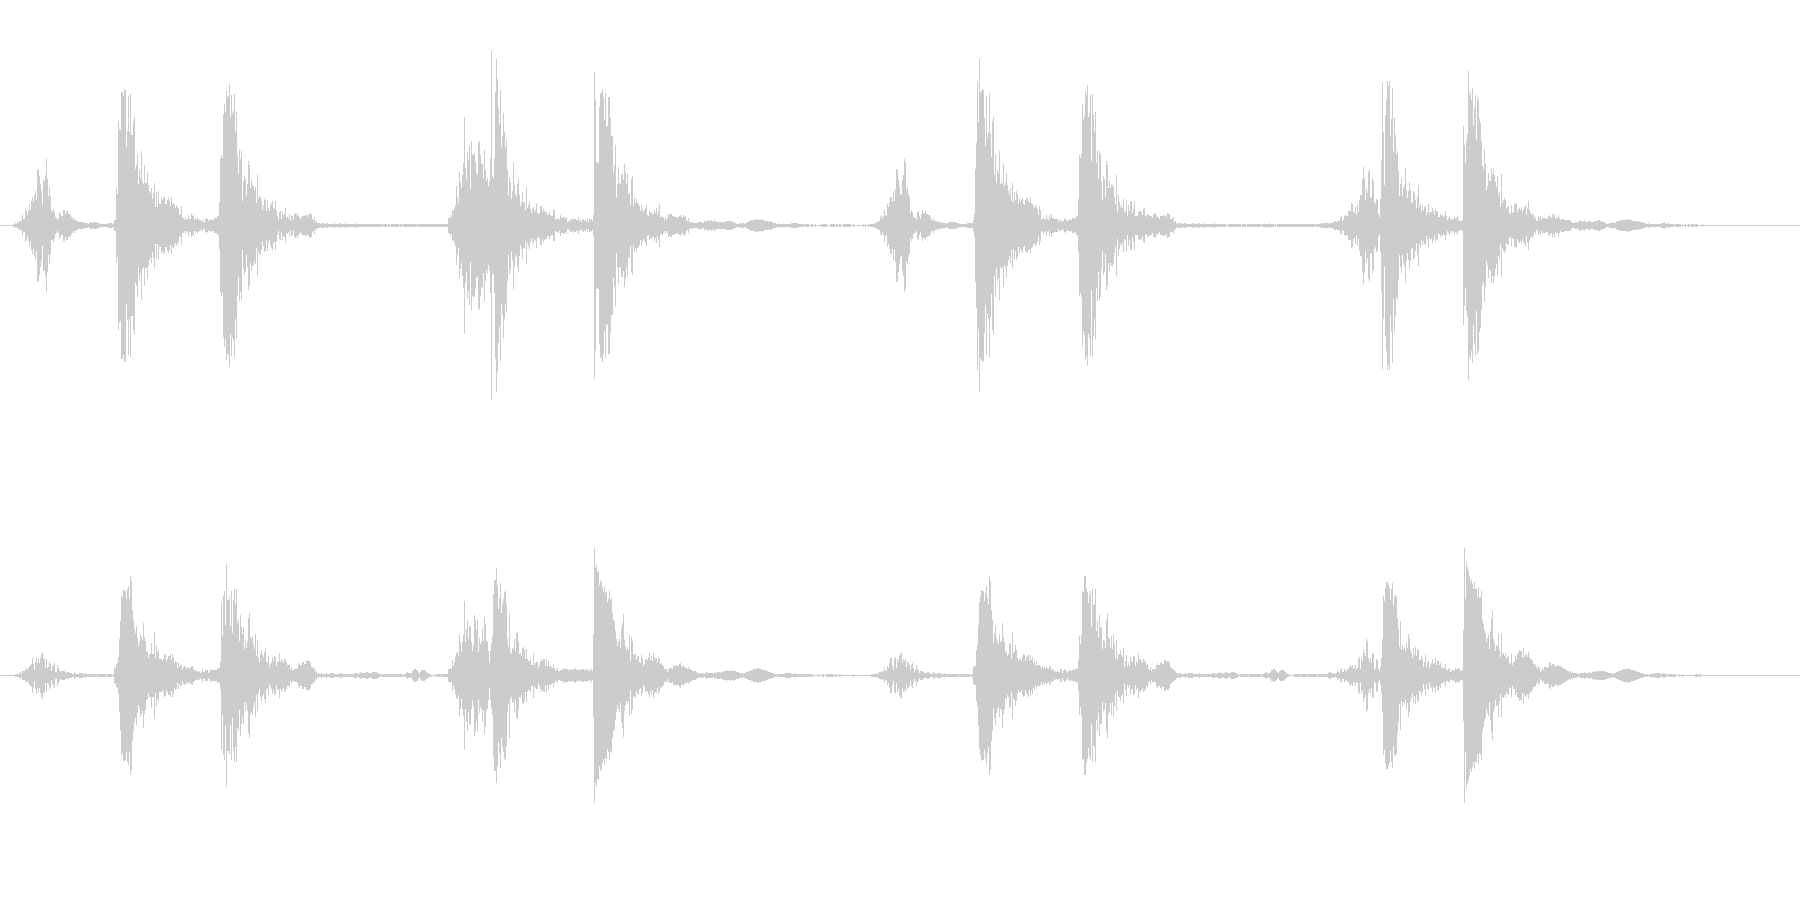 リズミカルで軽い音が連続している効果音の未再生の波形